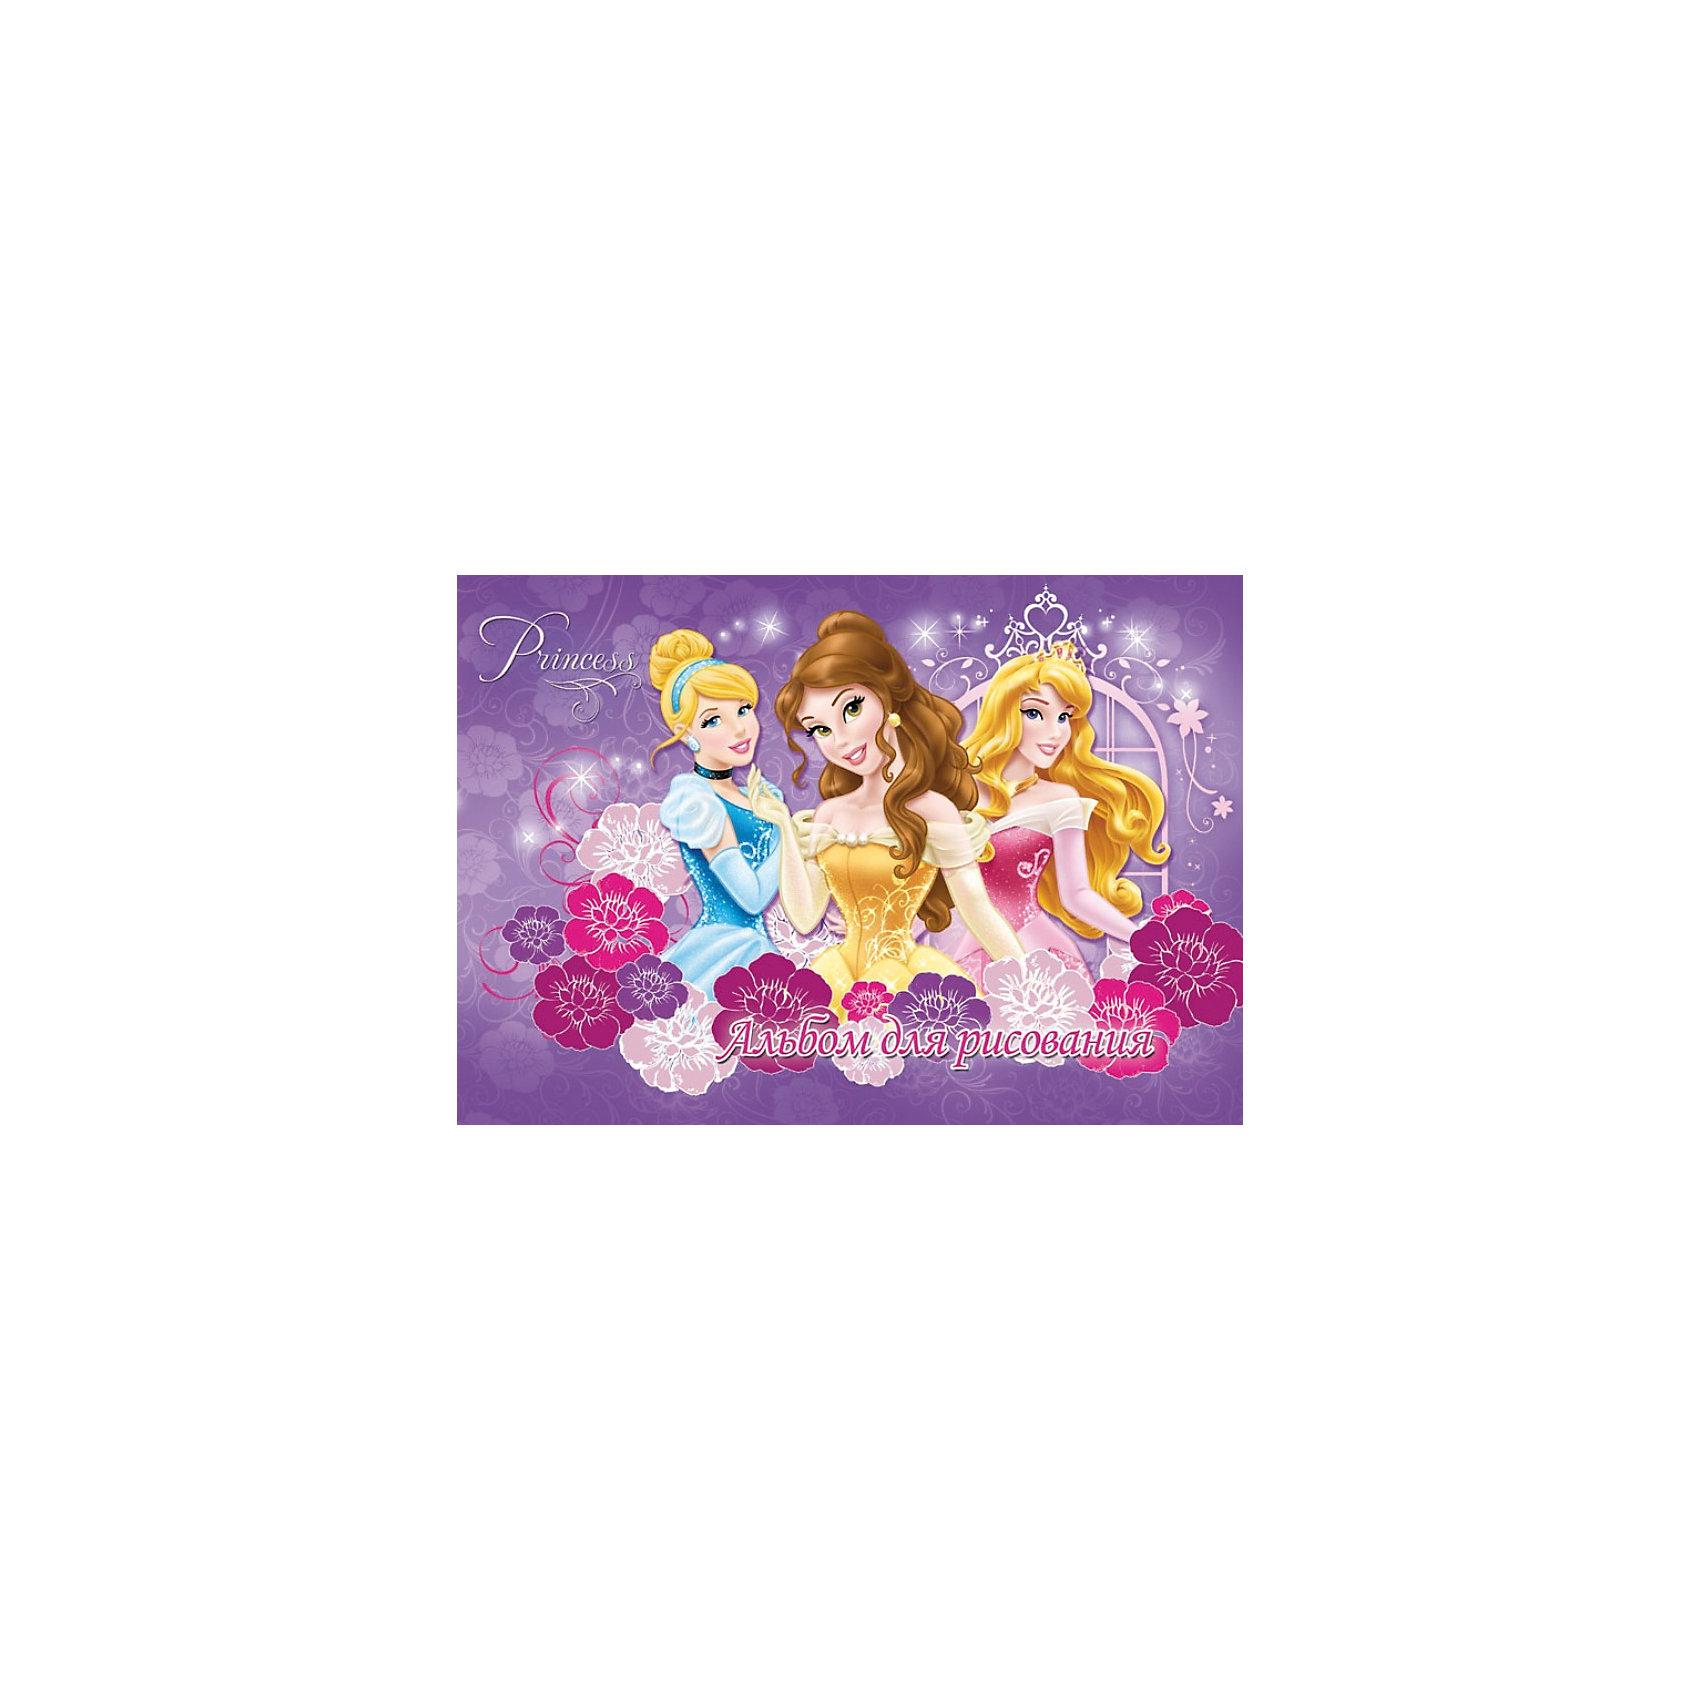 Альбом для рисования, 40 листов, Принцессы ДиснейПринцессы Дисней<br>Альбом для рисования, 40 листов, Disney Princess (Принцессы Дисней) - прекрасный подарок для раскрытия творческого потенциала. Рисование - это прекрасный досуг, который способствует развитию воображения,  восприятия,  мышления, логики,  мелкой моторики,  усидчивости и понимания формы и цветов.<br><br><br>Дополнительная информация:<br><br>- Количество листов: 40<br>- Вес: 257 г.<br>- Серия: Disney Princess (Принцессы Дисней)<br>- Размеры: 290 х 205 х 8 мм<br><br>Альбом для рисования, 40 листов, Disney Princess (Принцессы Дисней) можно купить в нашем магазине.<br><br>Ширина мм: 290<br>Глубина мм: 205<br>Высота мм: 8<br>Вес г: 257<br>Возраст от месяцев: 48<br>Возраст до месяцев: 84<br>Пол: Женский<br>Возраст: Детский<br>SKU: 3702877